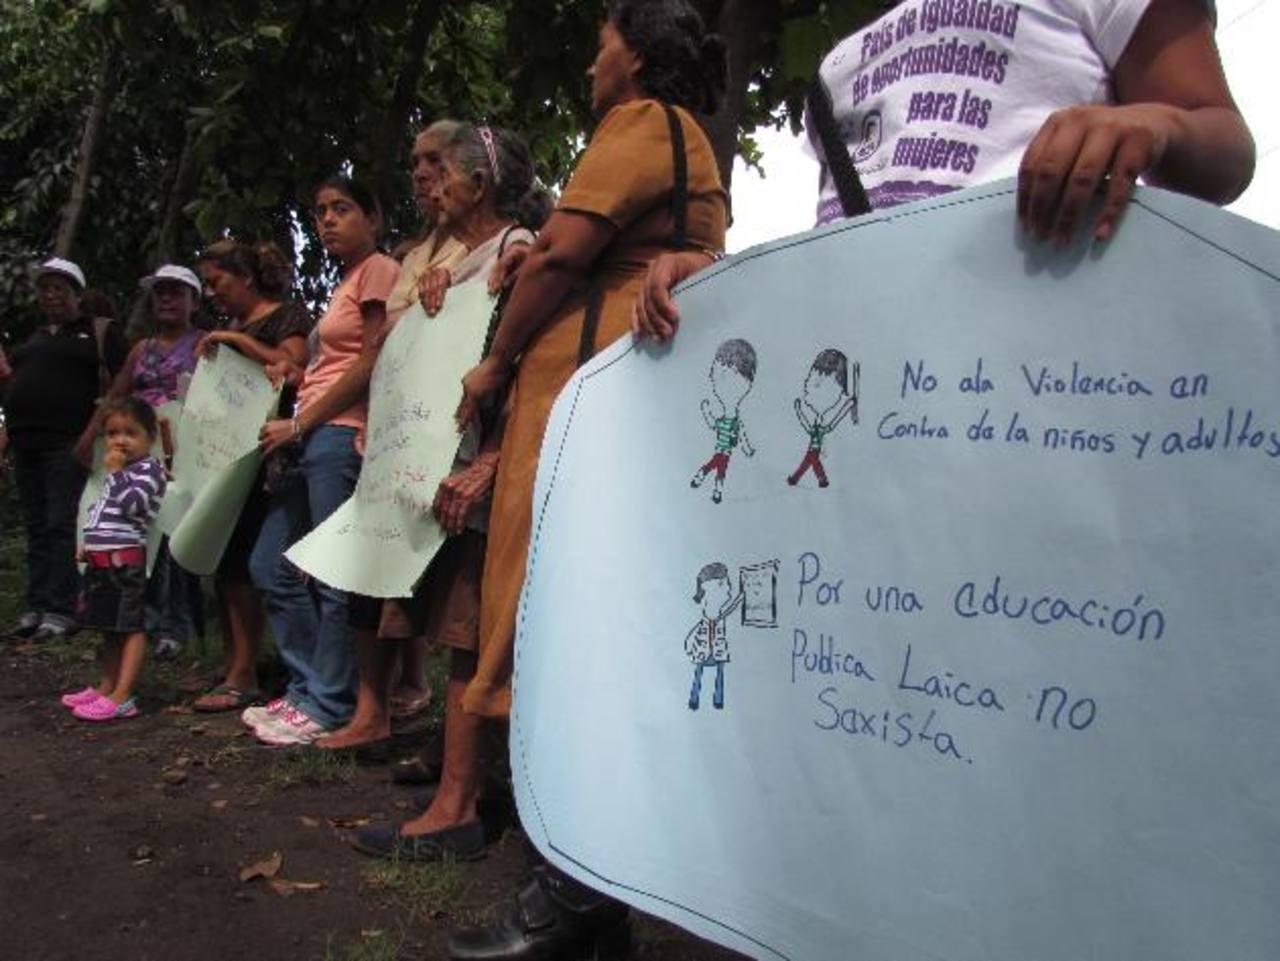 A las pocas actividades feministas, el apoyo ha sido mínimo. Foto EDH / mauricio guevara